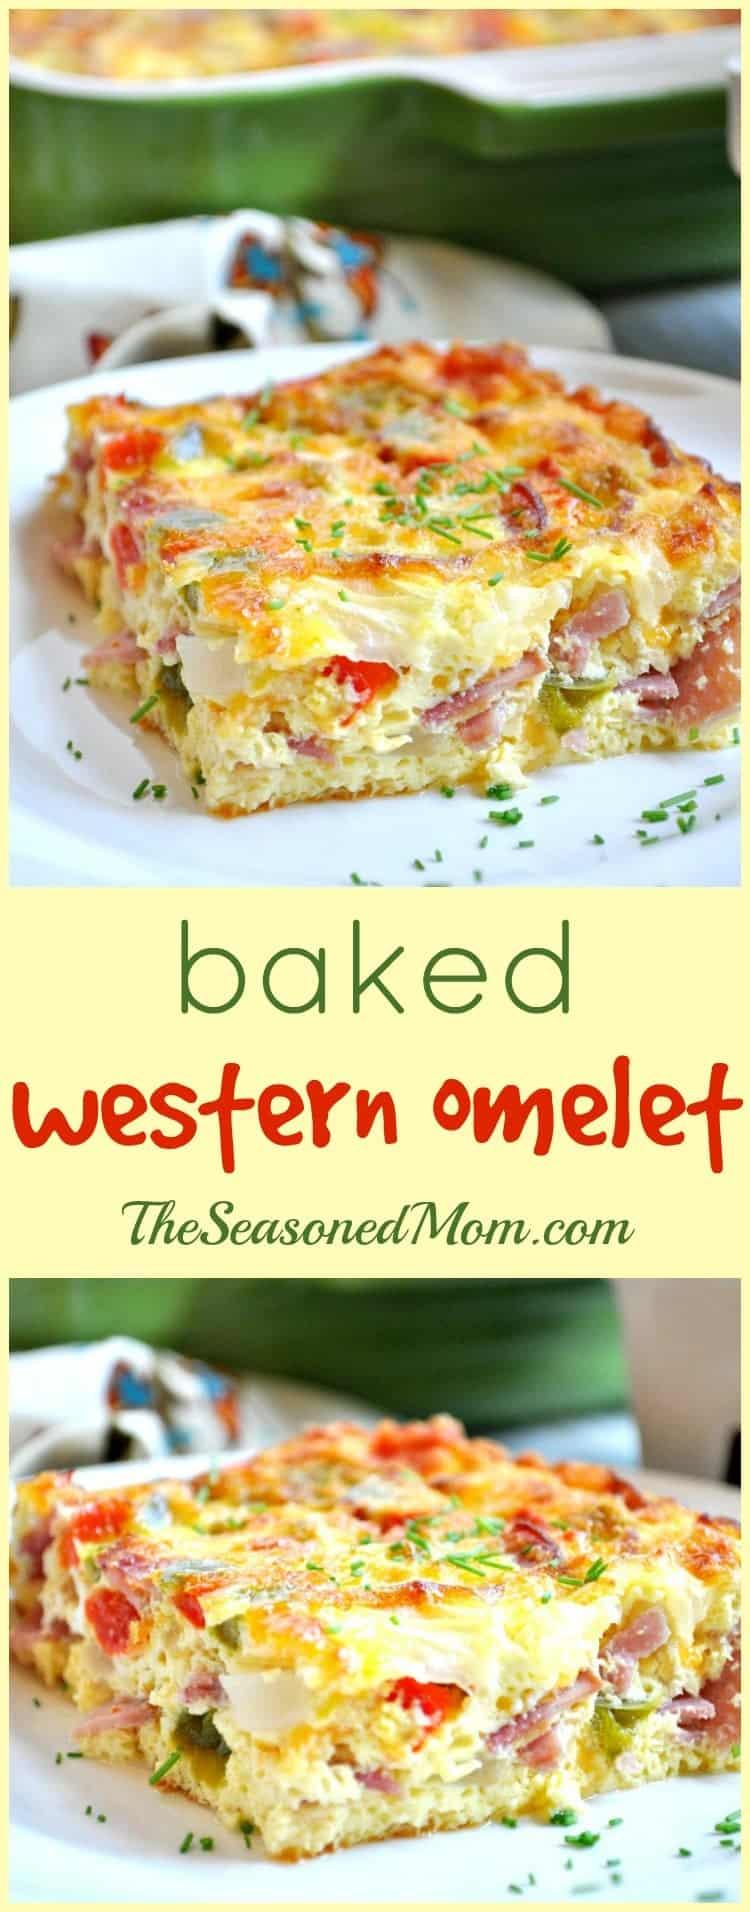 Baked Western Omelet